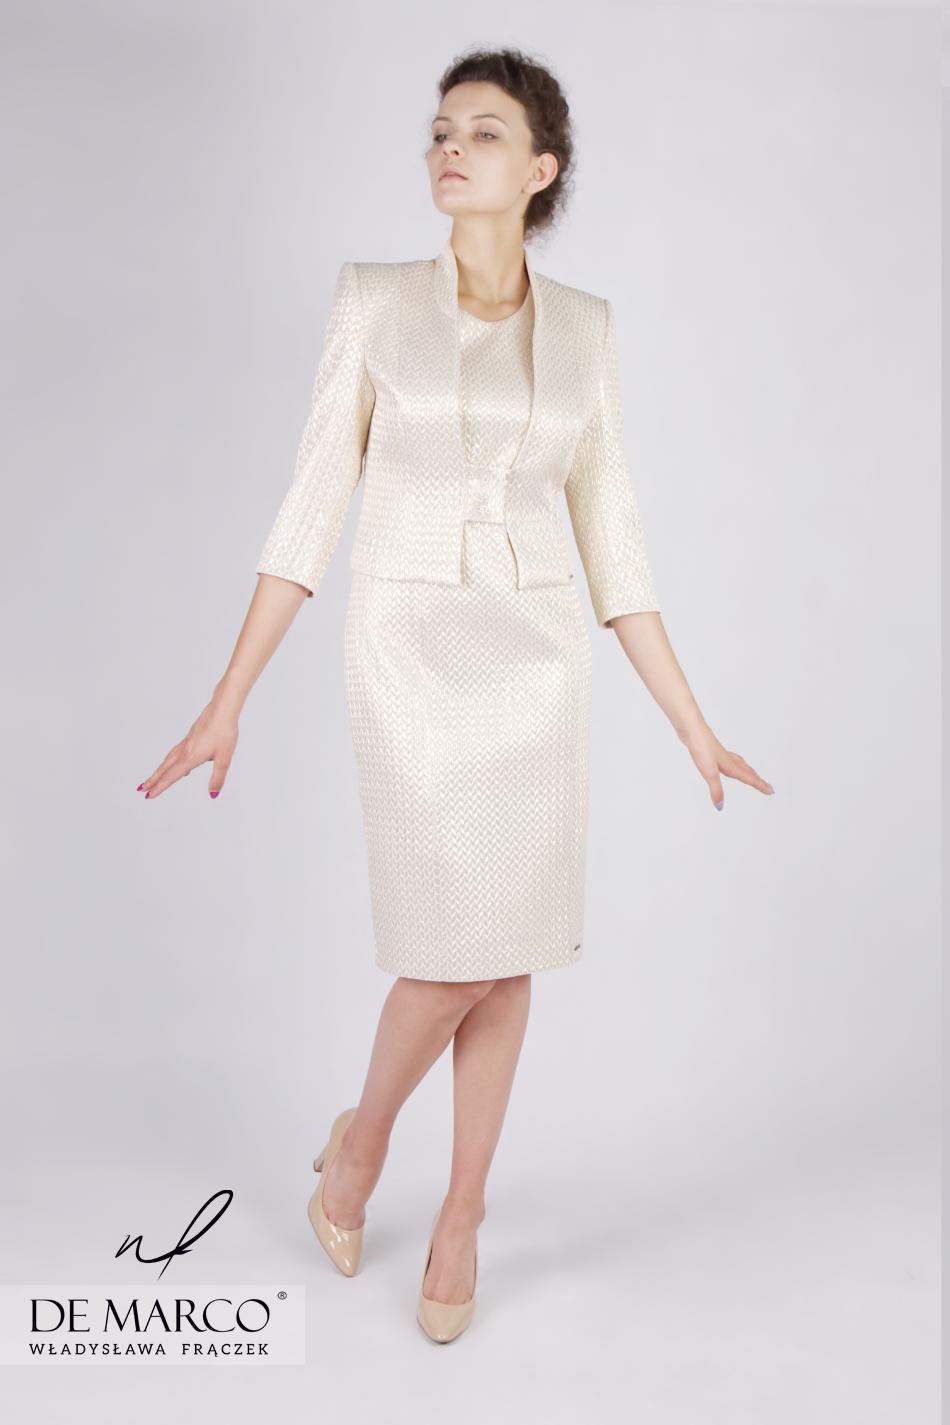 Luksusowa damska odzież szyta na miarę w każdym rozmiarze